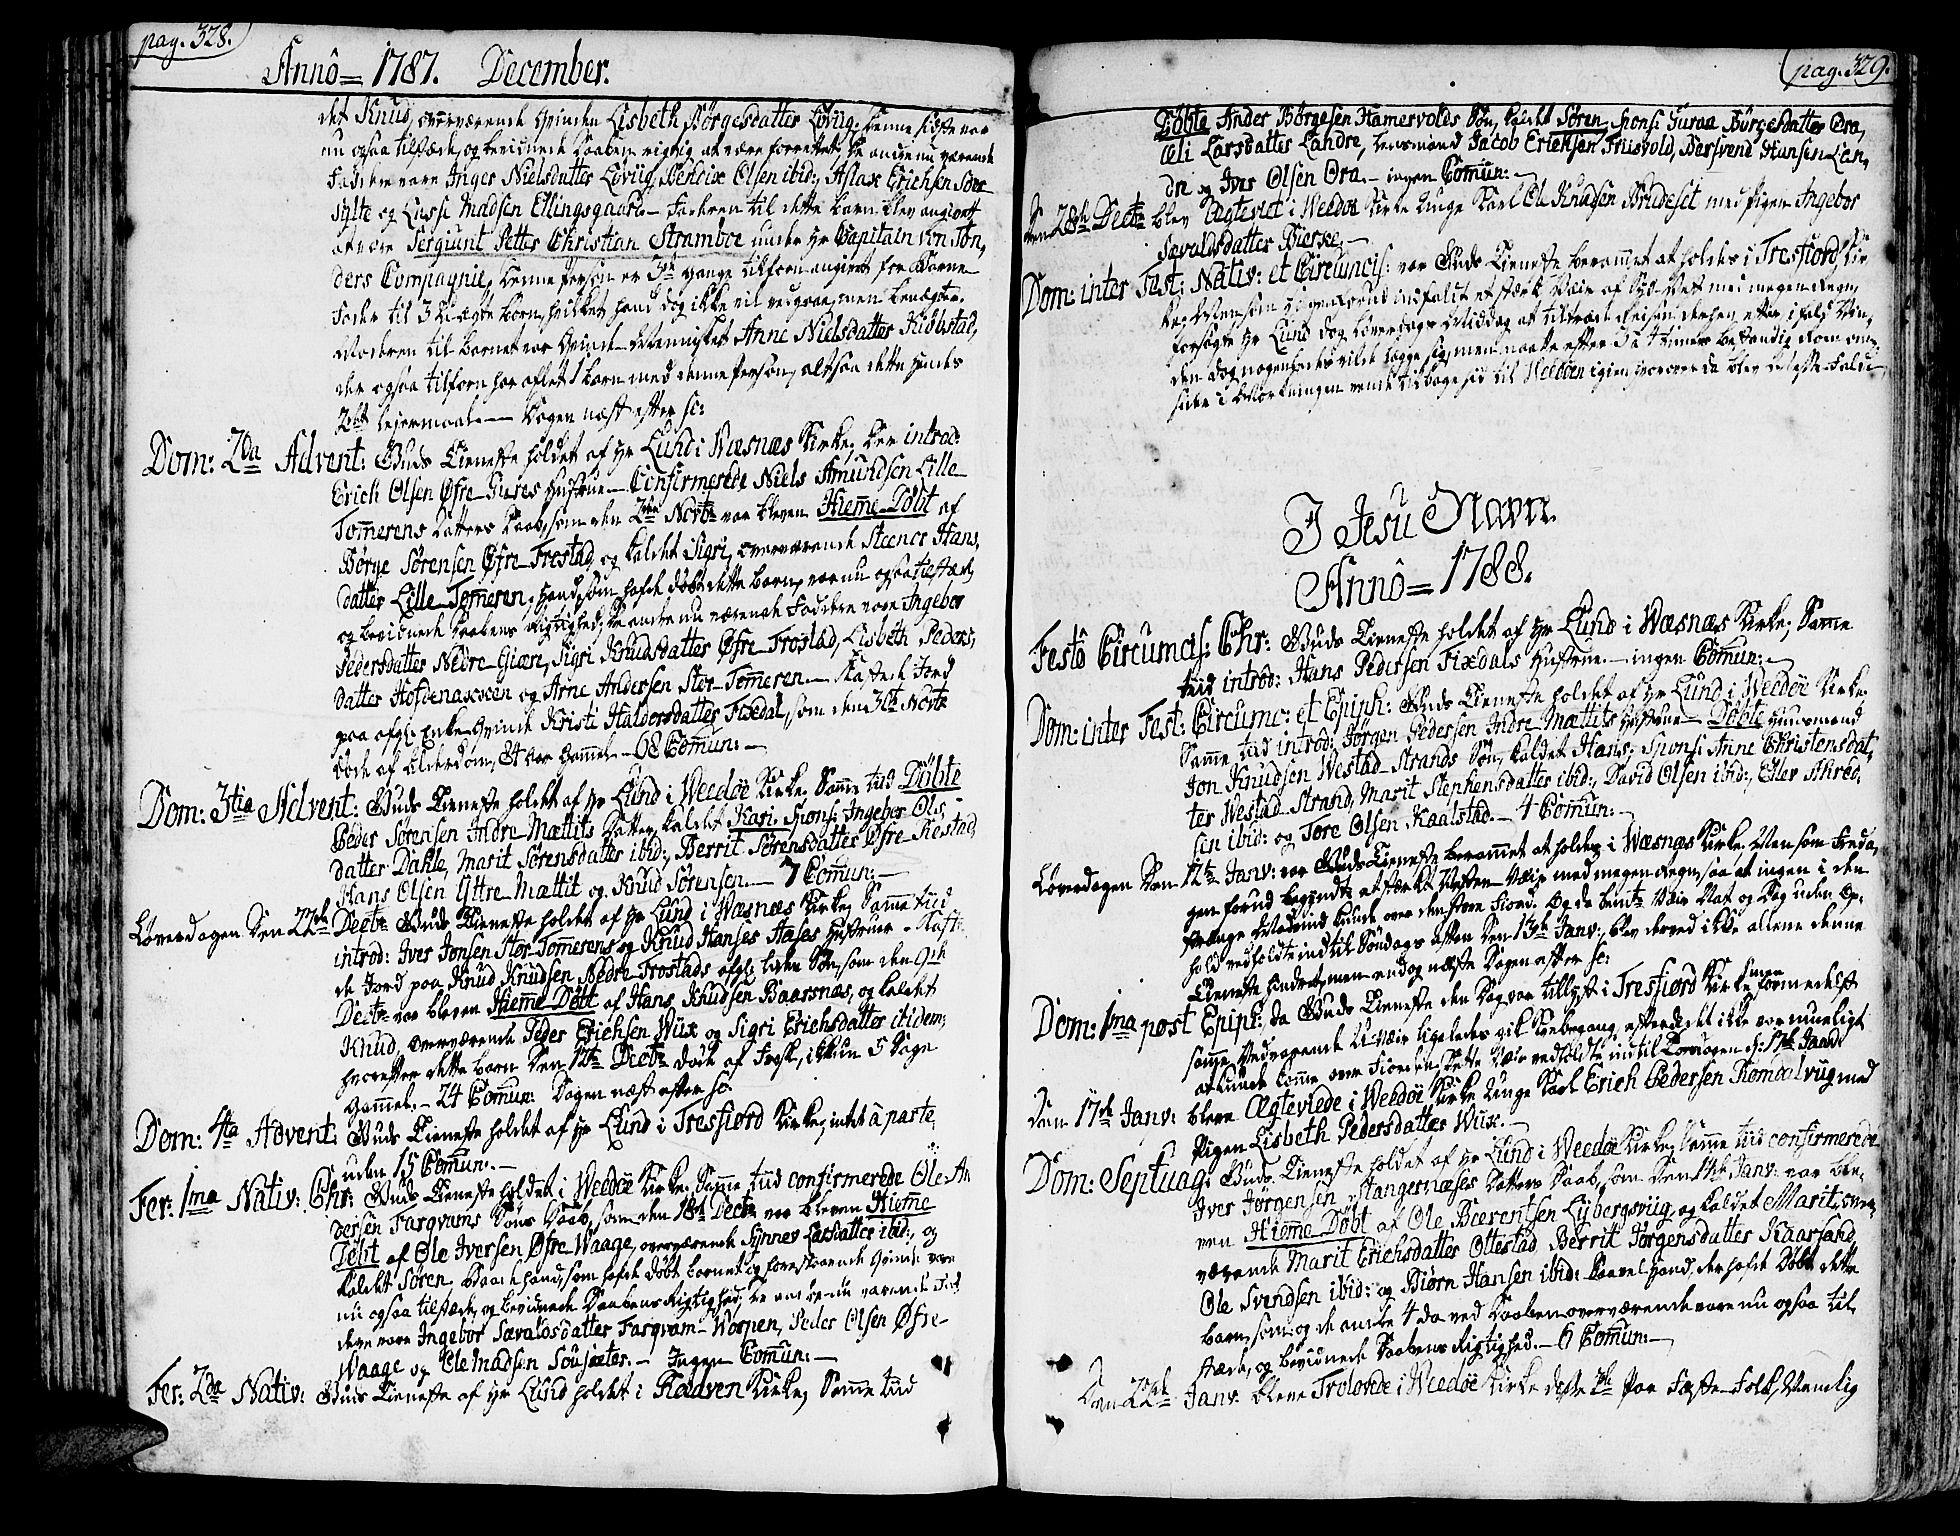 SAT, Ministerialprotokoller, klokkerbøker og fødselsregistre - Møre og Romsdal, 547/L0600: Ministerialbok nr. 547A02, 1765-1799, s. 328-329